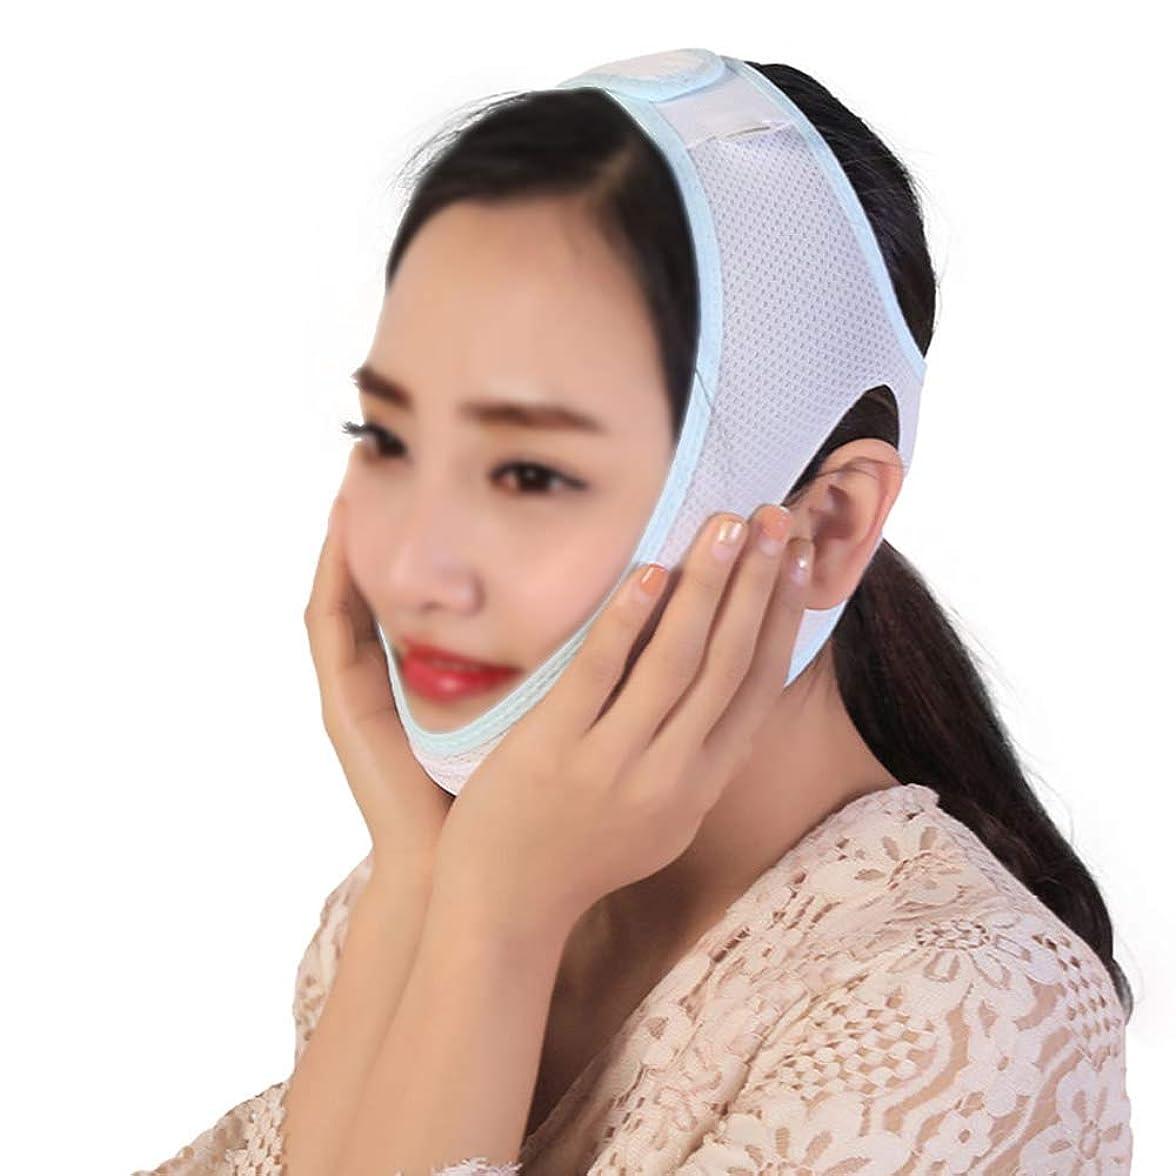 モンクパッドギャザーXHLMRMJ ファーミングフェイスマスク、小さなvフェイスアーティファクトリフティングフェイスプラスチックフェイスマスク快適さのアップグレードの最適化フェイスカーブ包括的な通気性の包帯 (Size : M)